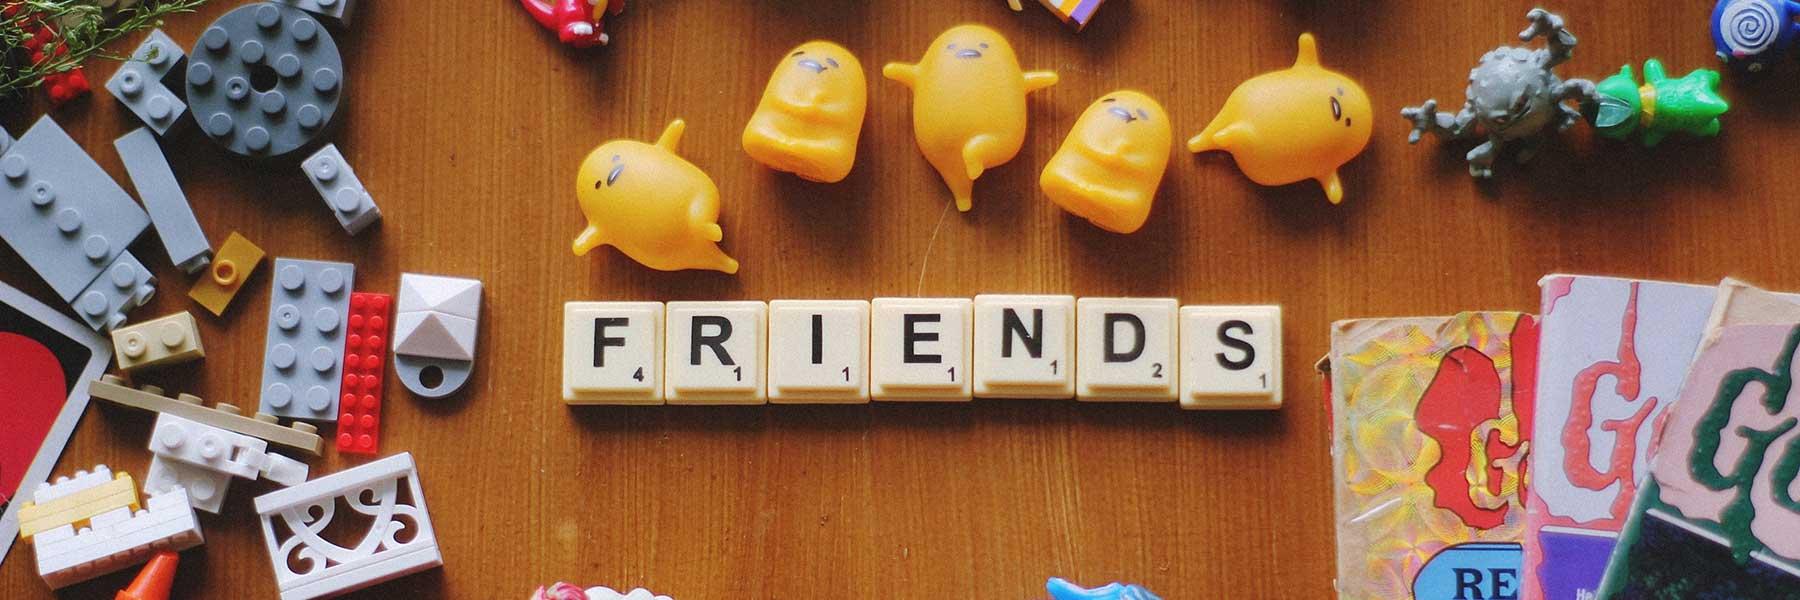 scrabbleFriends